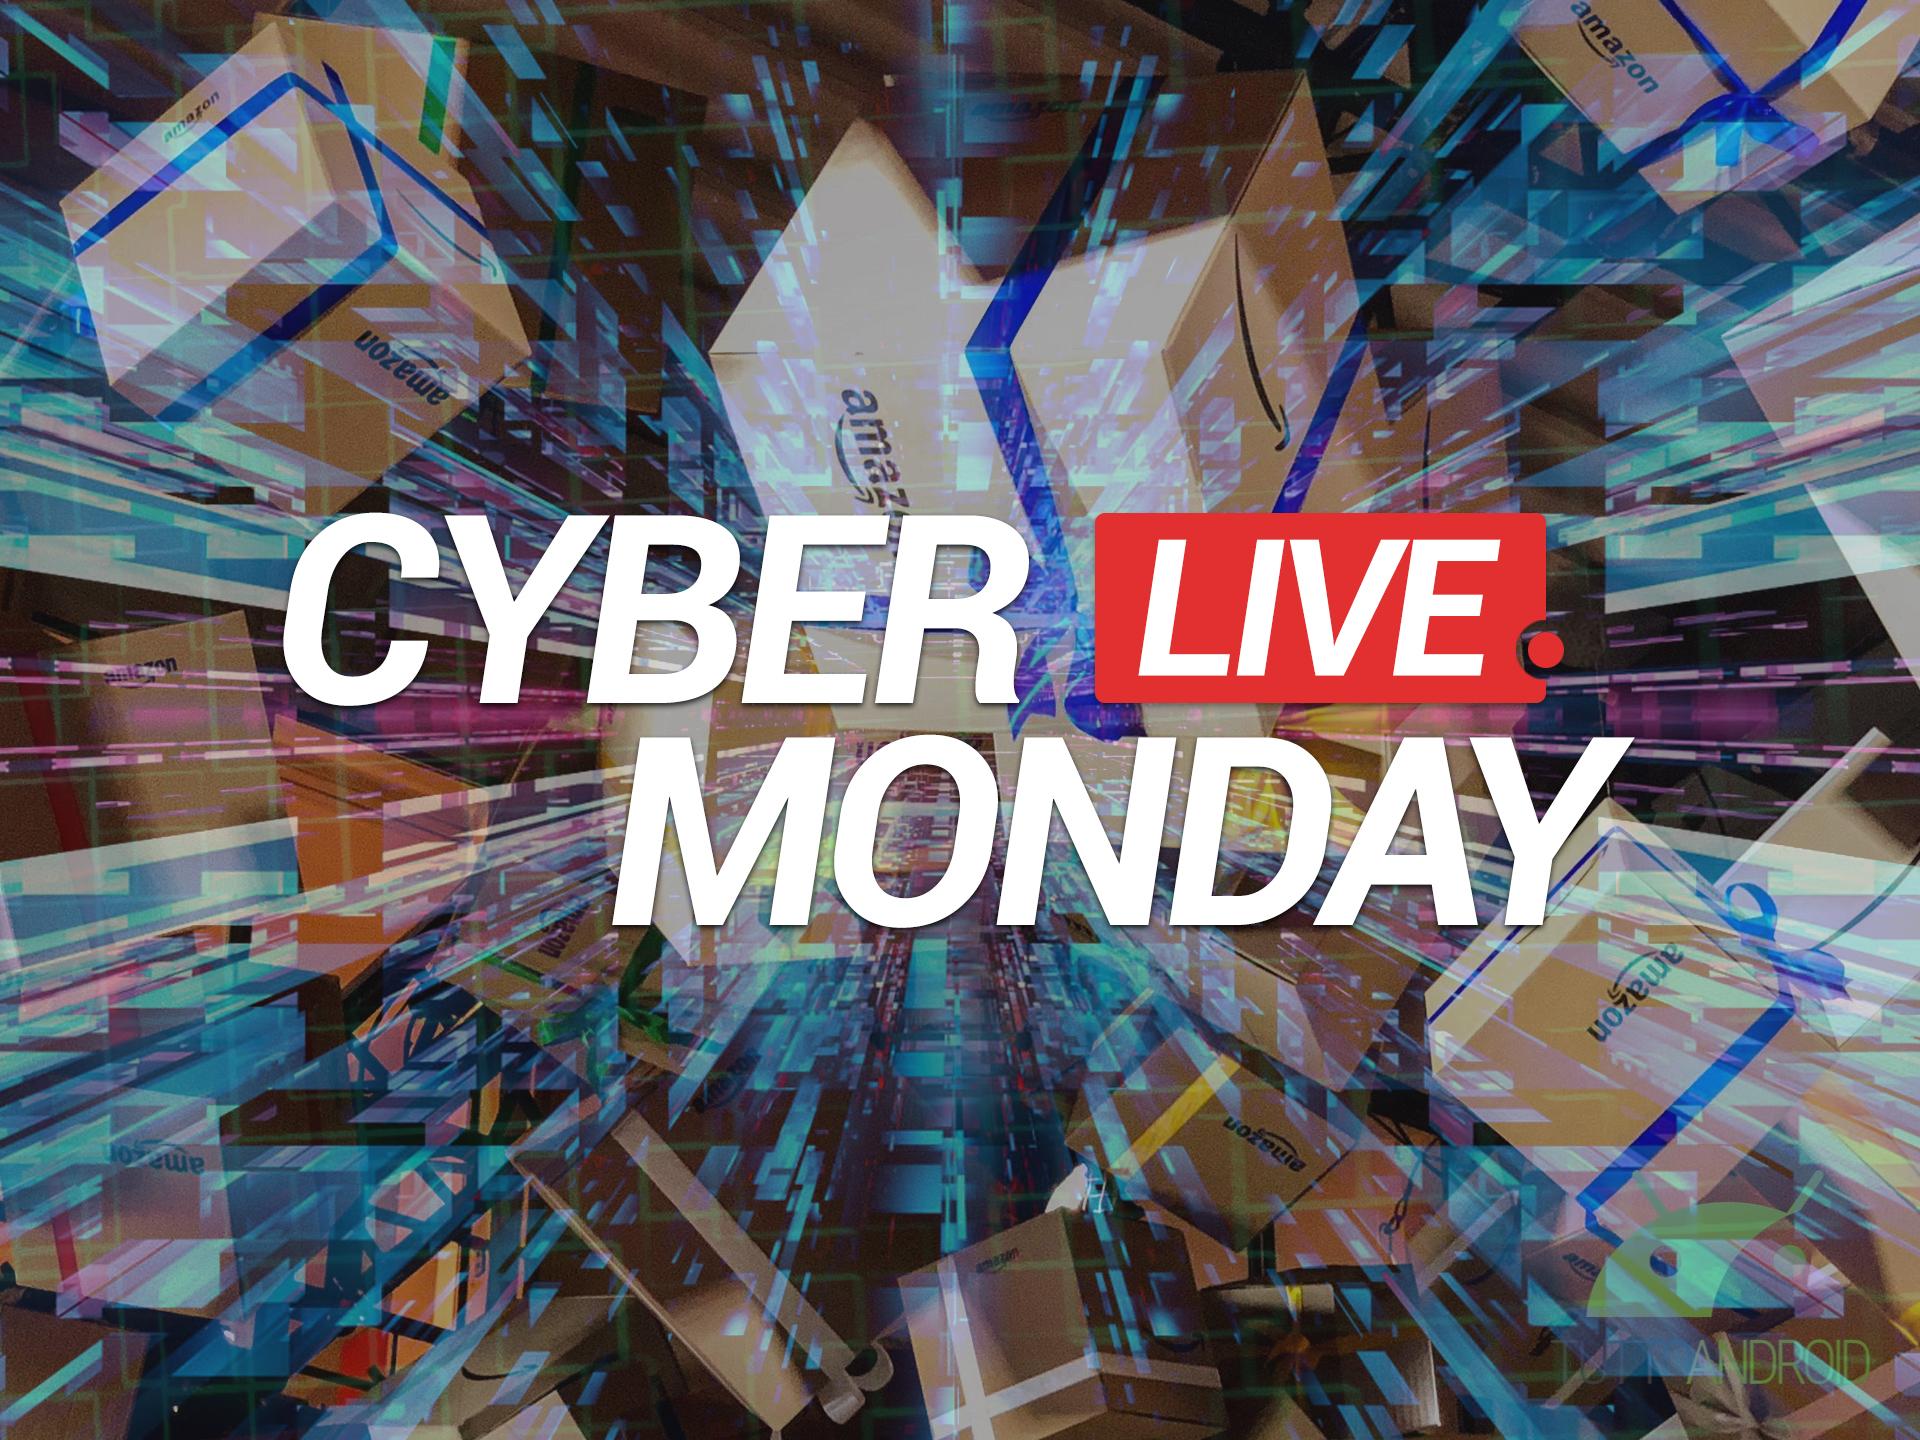 da2967ddd1 Tutte le migliori offerte del Cyber Monday, 26 novembre | LIVE